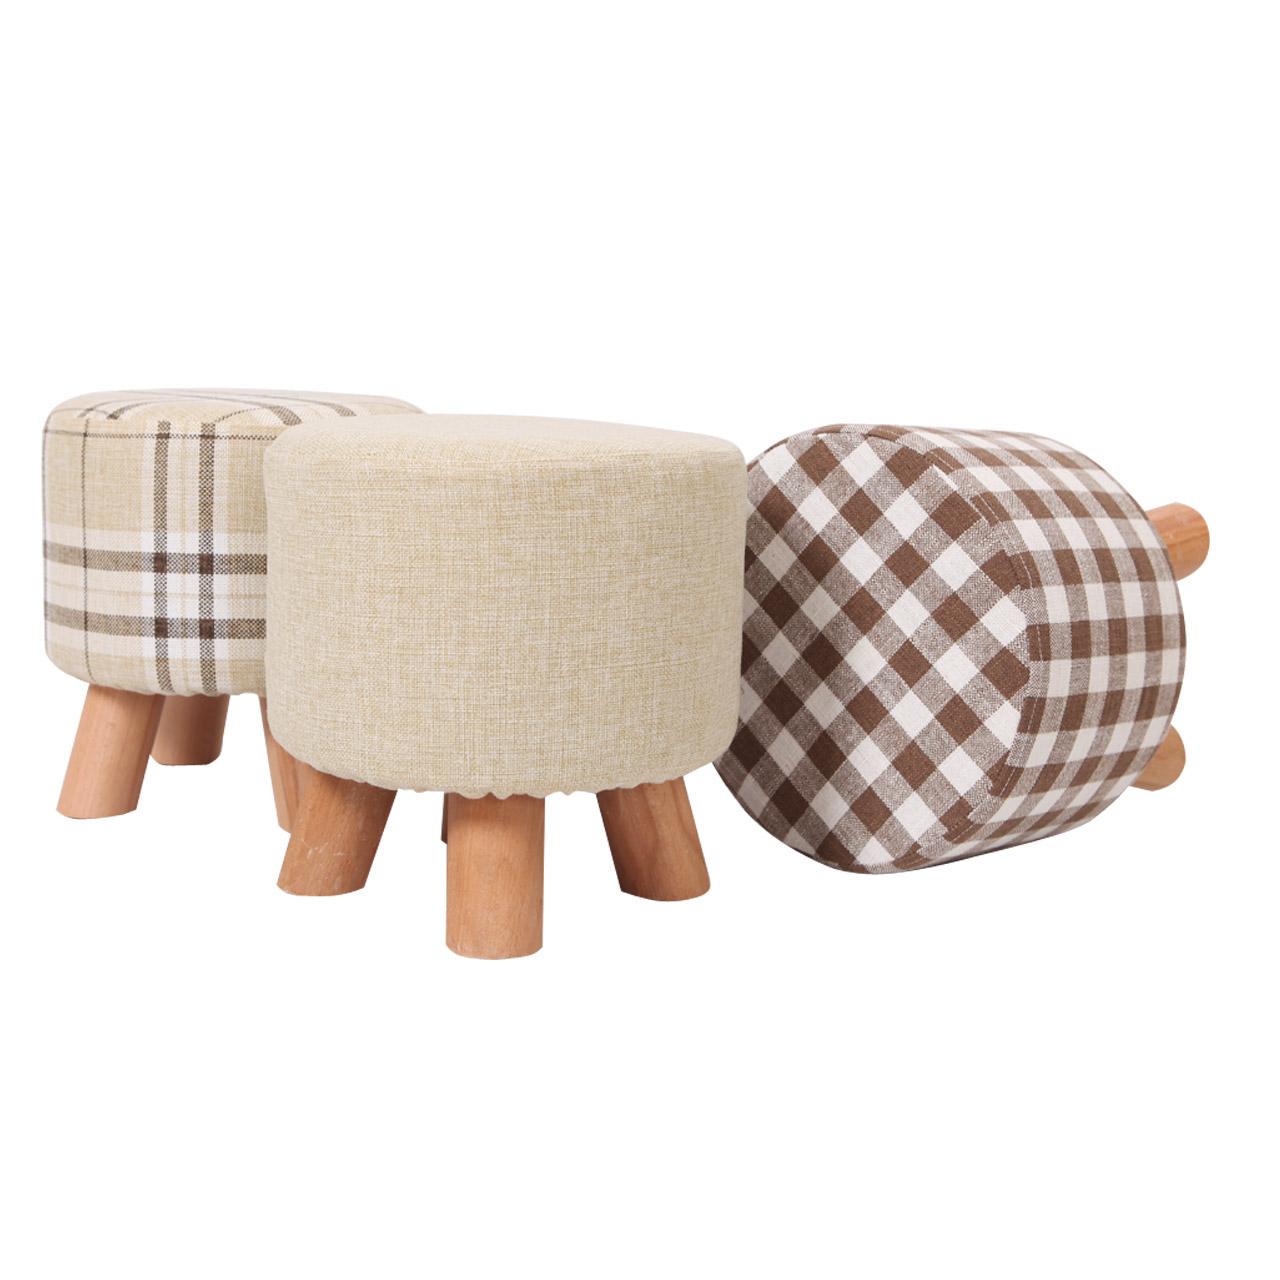 窝窝换鞋凳时尚小圆凳实木矮凳创意穿鞋凳布艺沙发凳小板凳小凳子